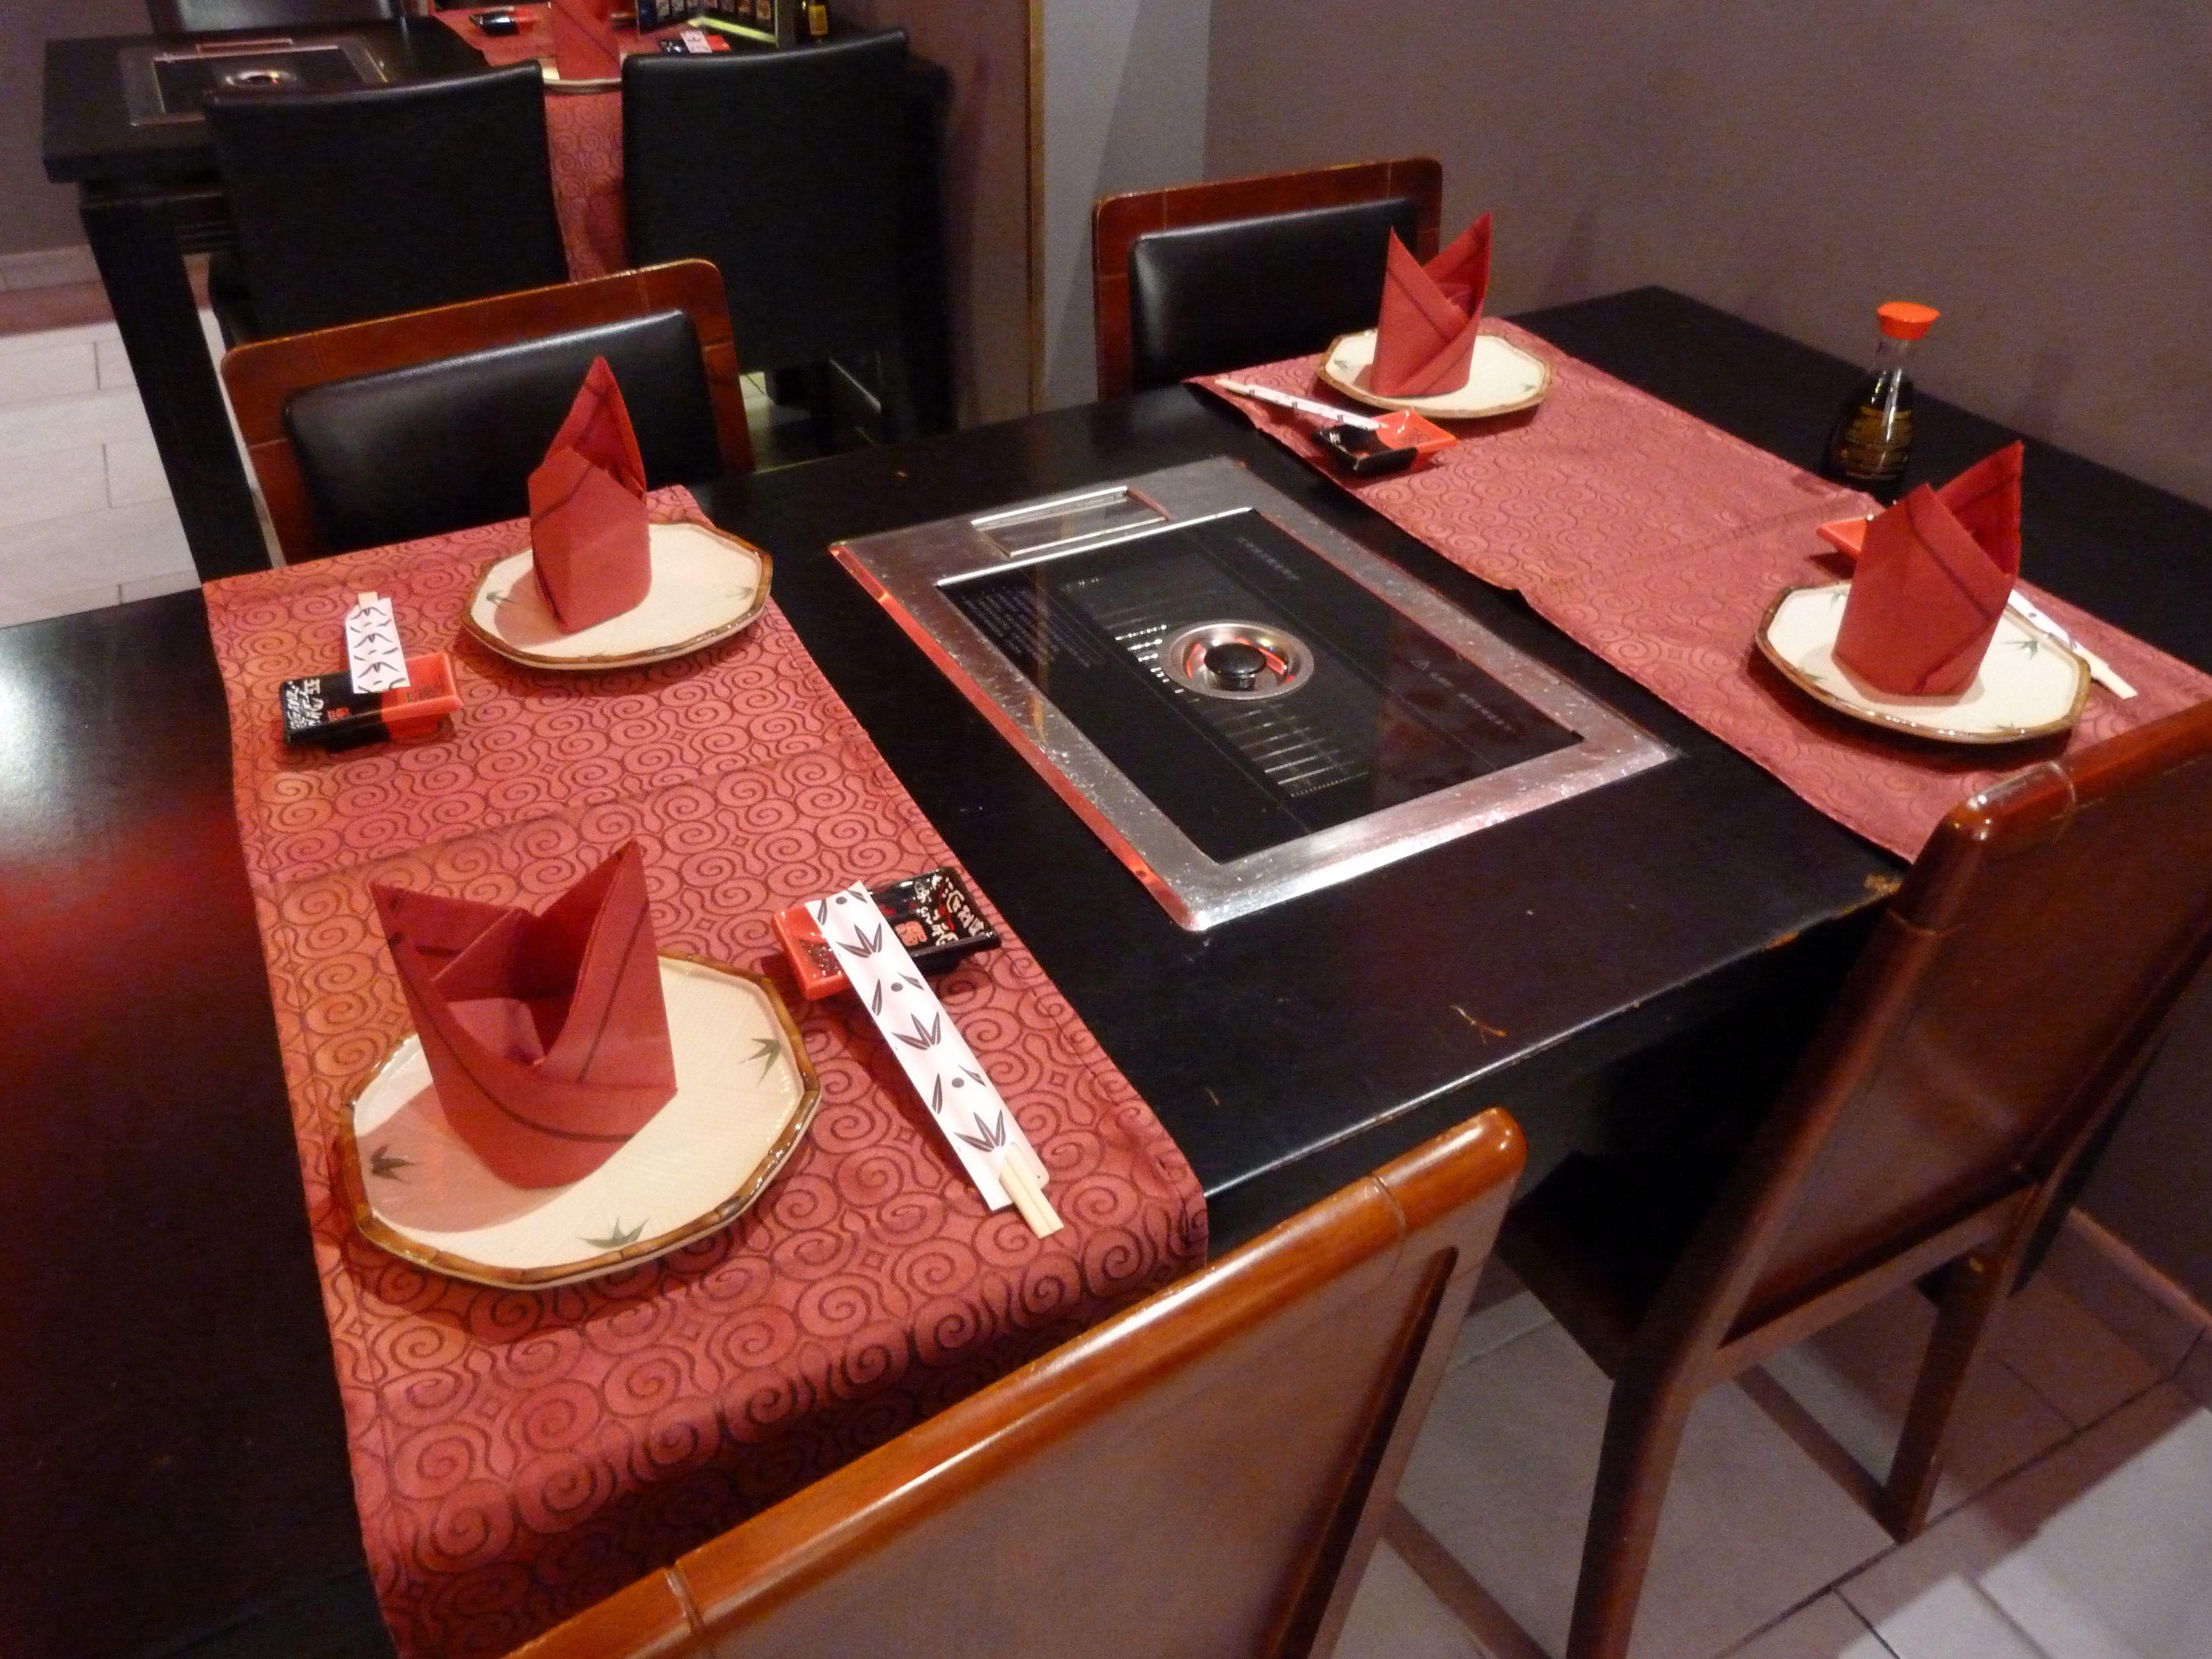 Foto 1 de Cocina japonesa en Las Palmas de Gran Canaria | Restaurante Sushi Food Kobe